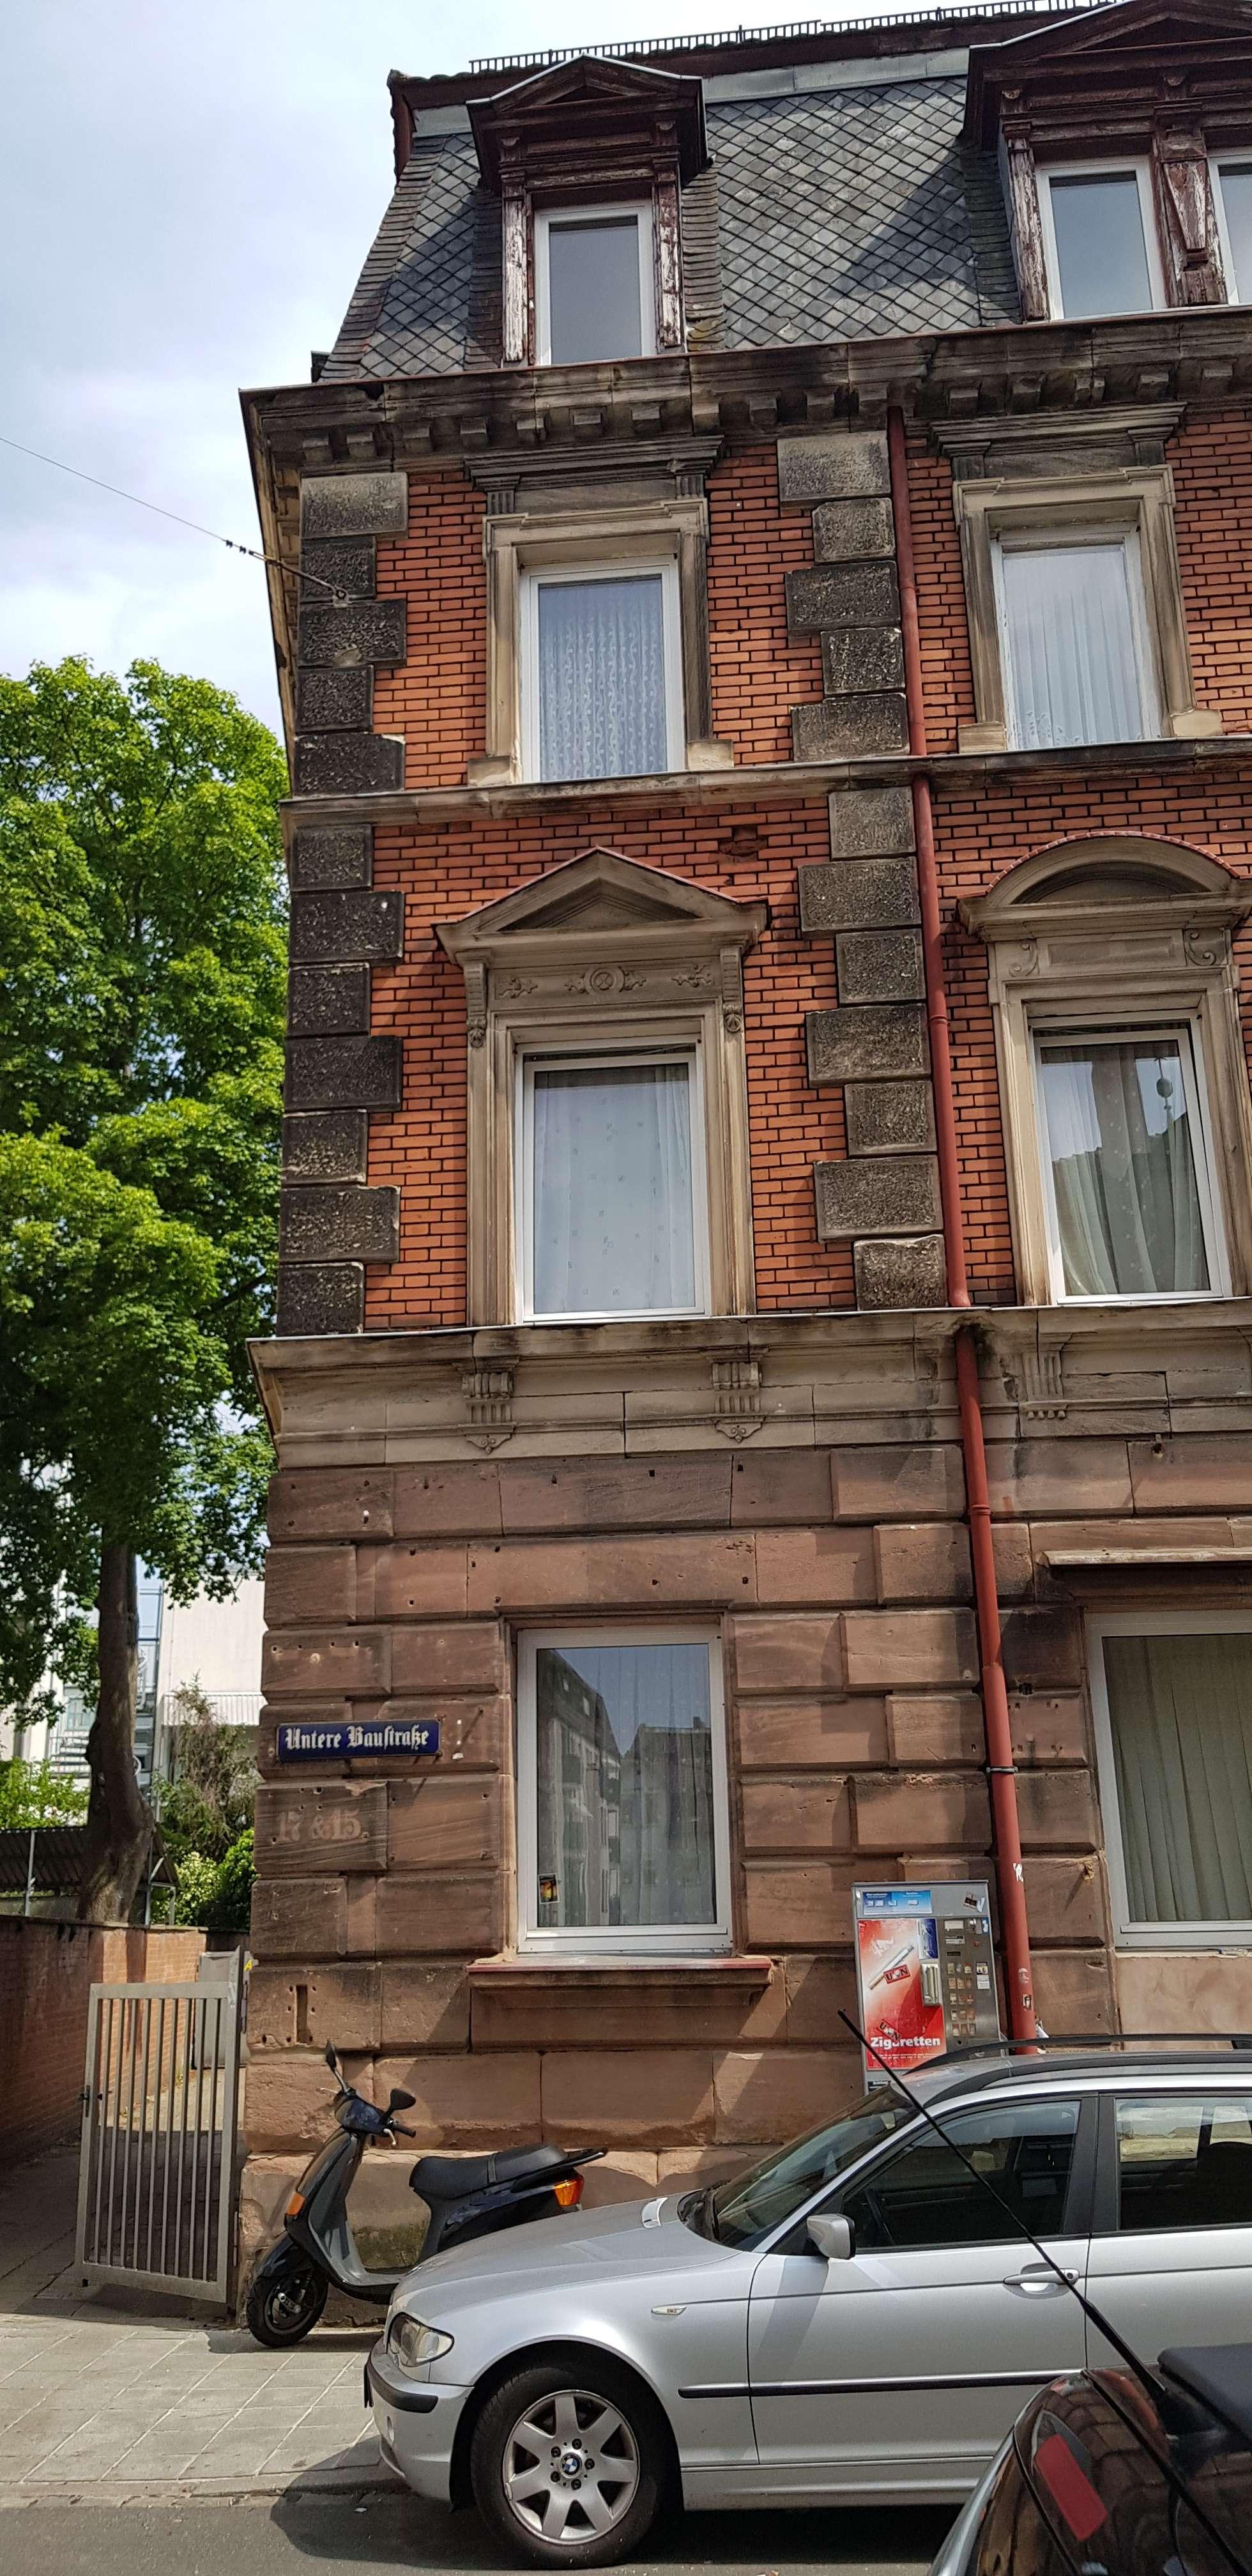 Exklusive Wohnung (WG geeignet) in Top-Lage 70 qm, neu renoviert, modernes Bad und Wohnküche